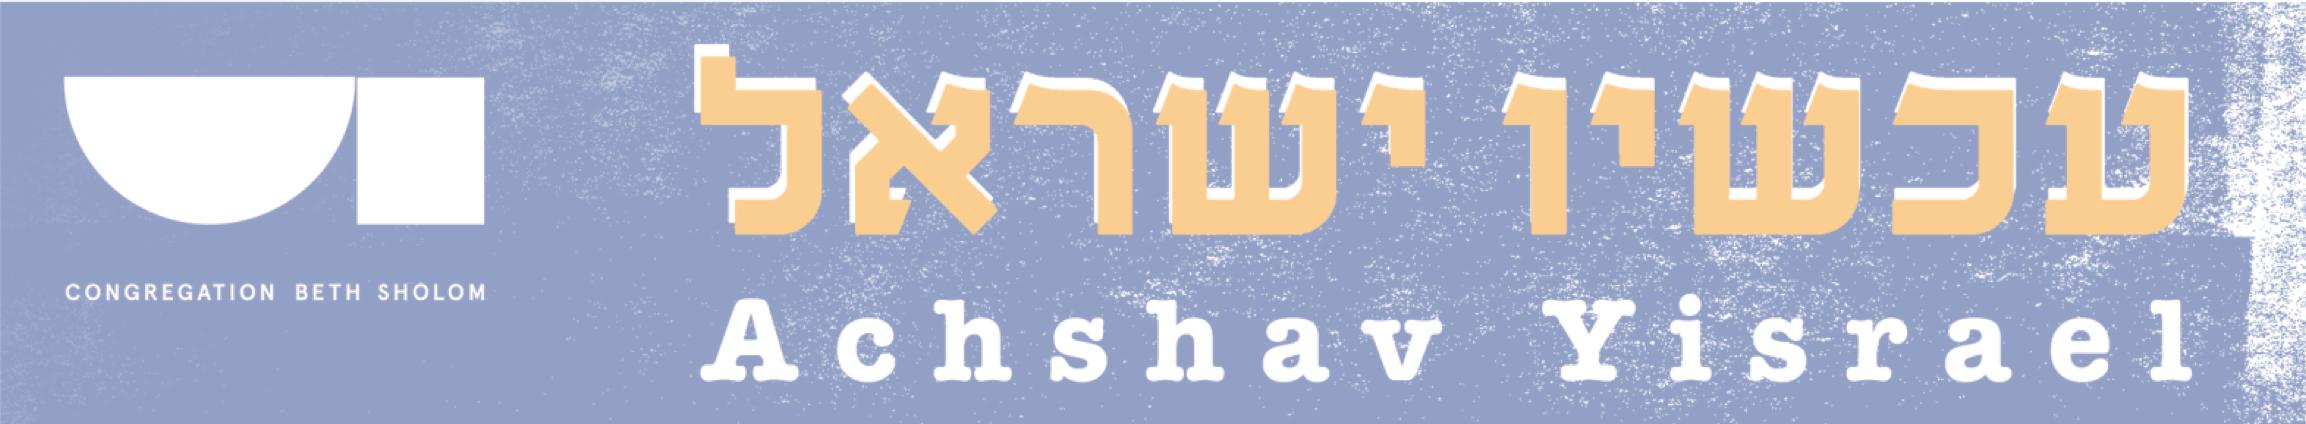 AchshavYisraelLogo